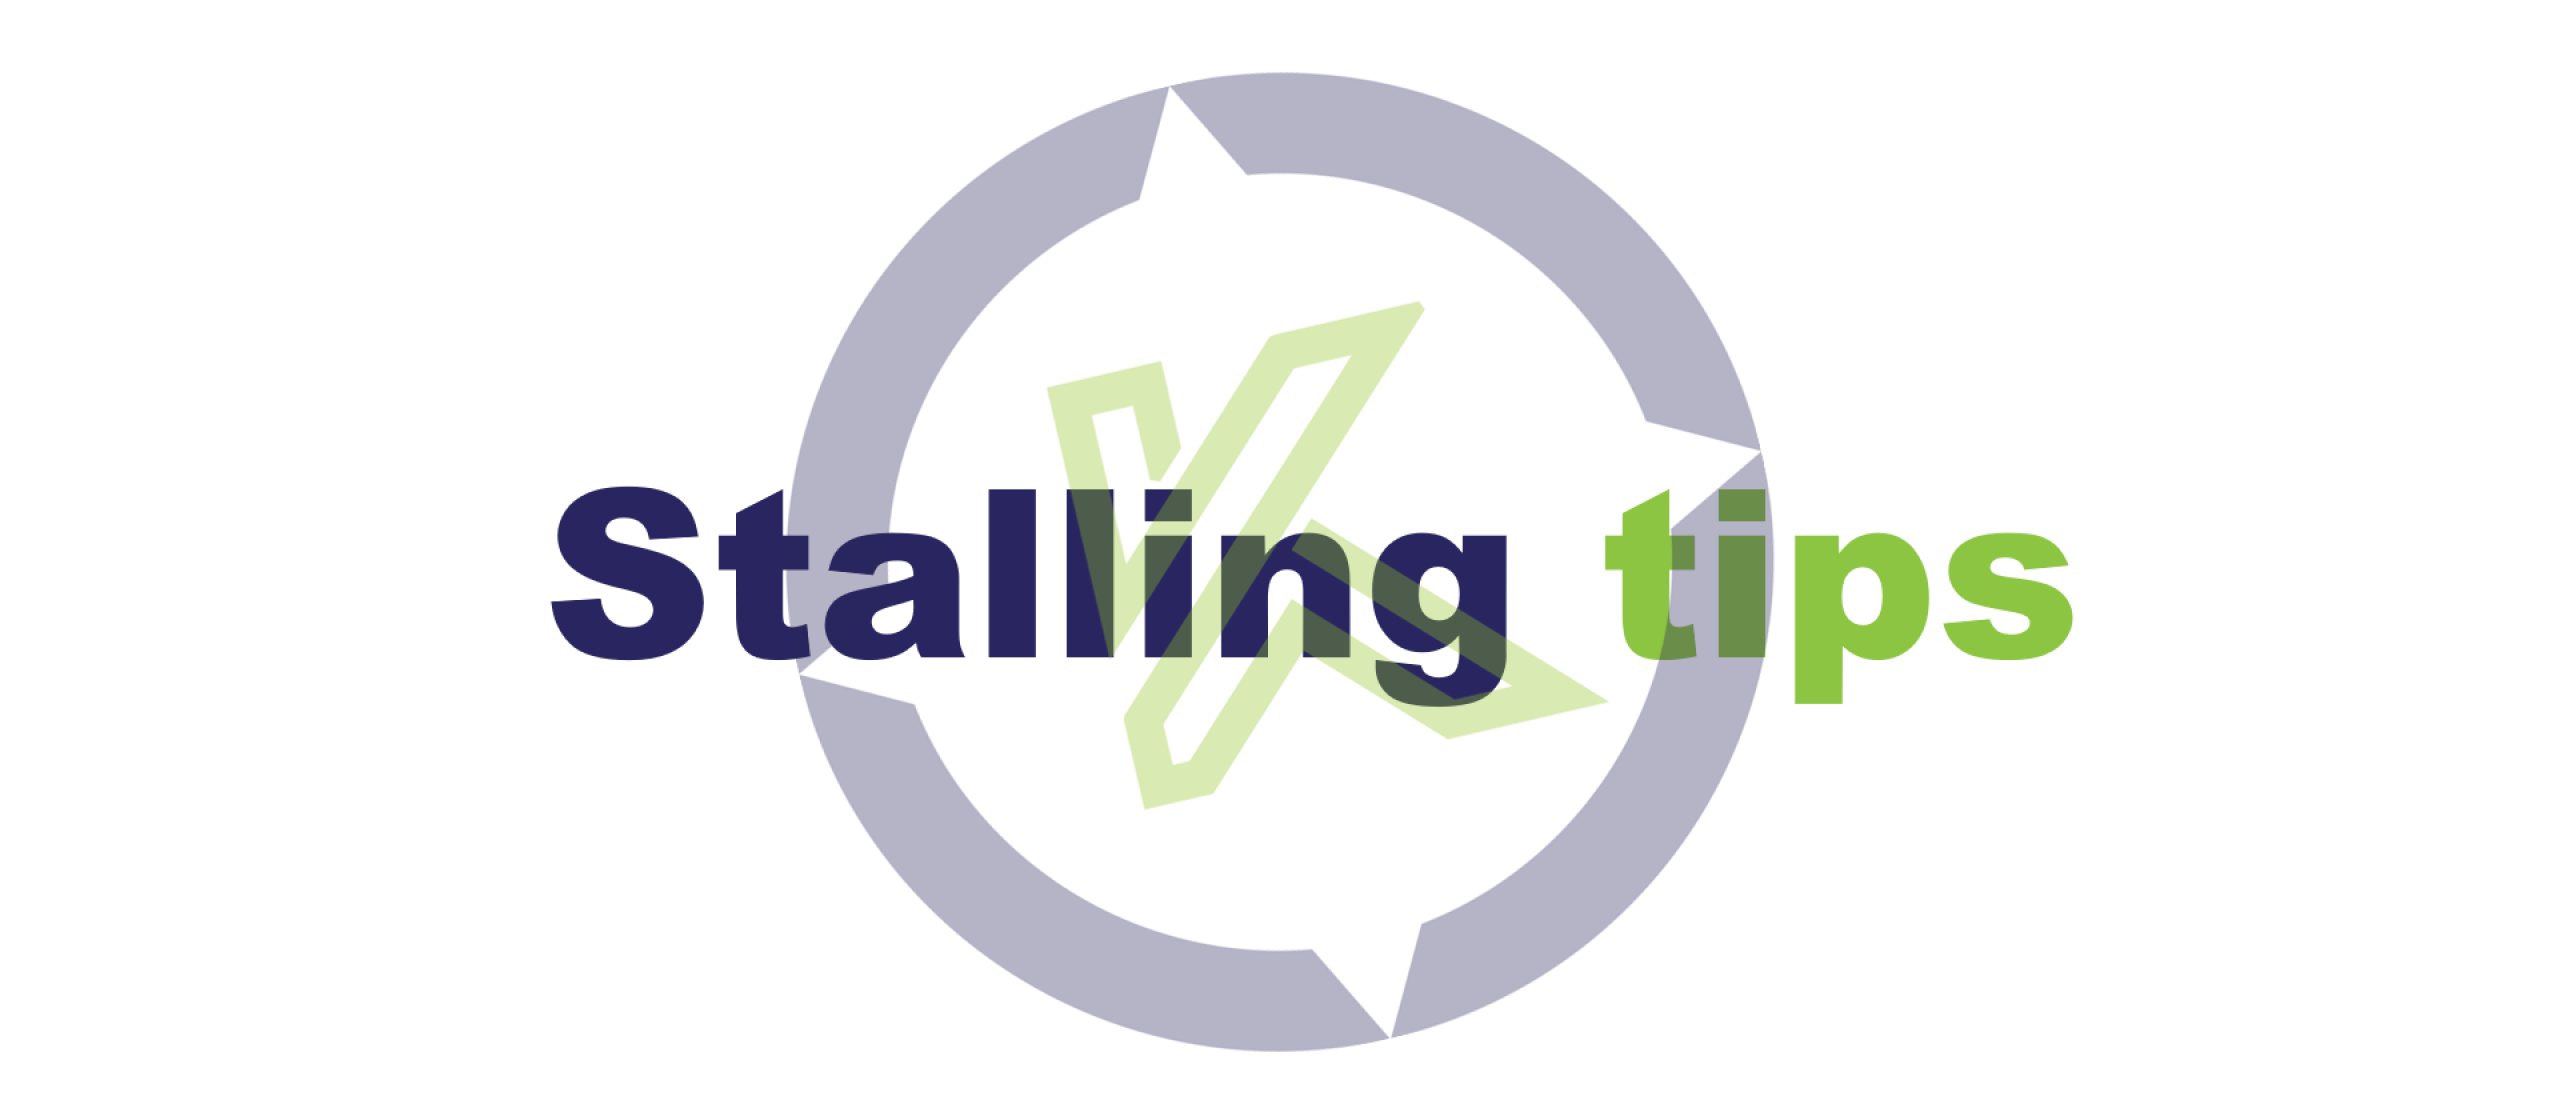 10 stalling tips